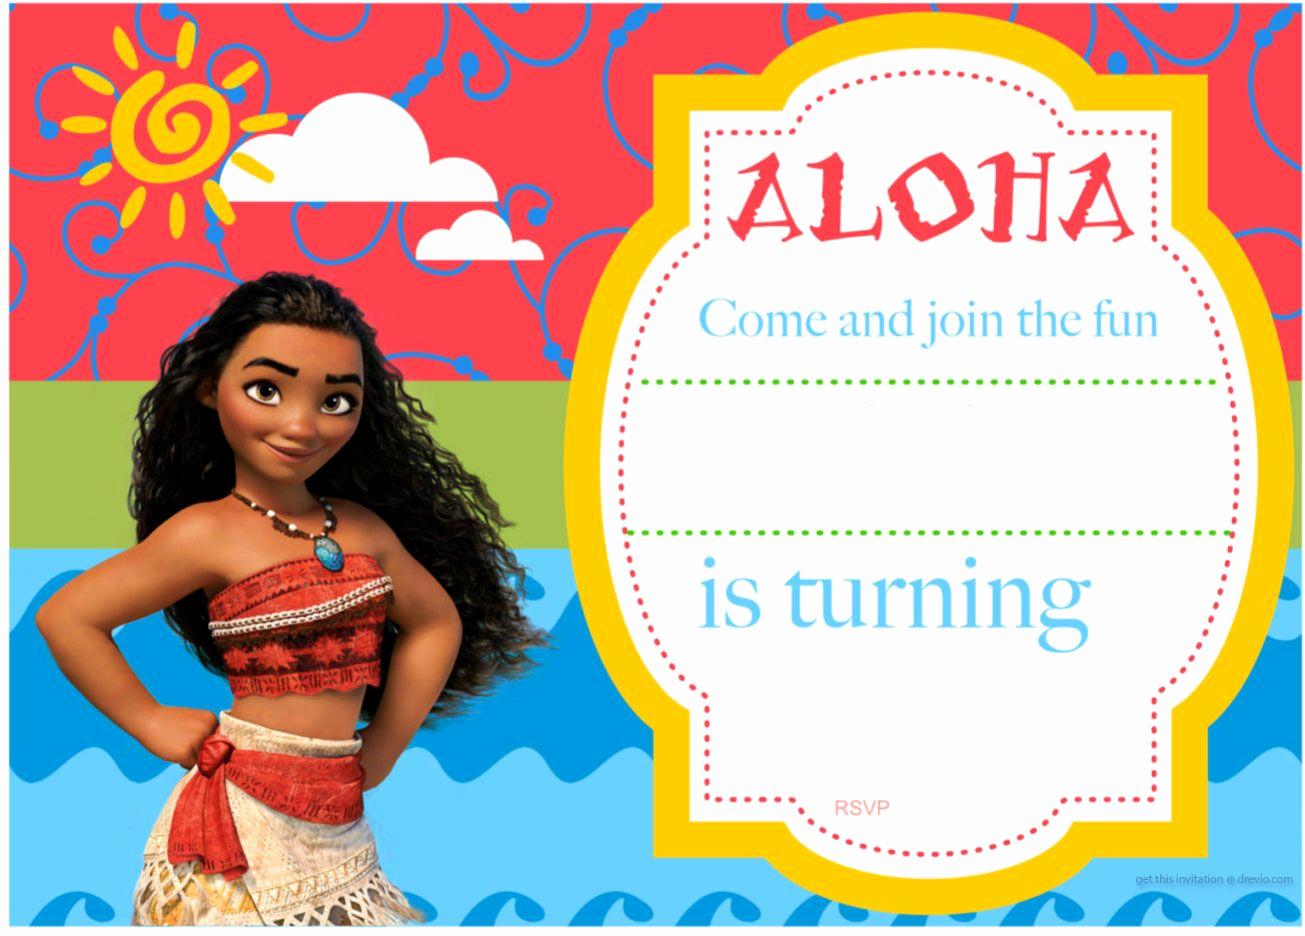 Moana Birthday Invitation Template Inspirational Free Printable Moana Birthday Invitation and Party